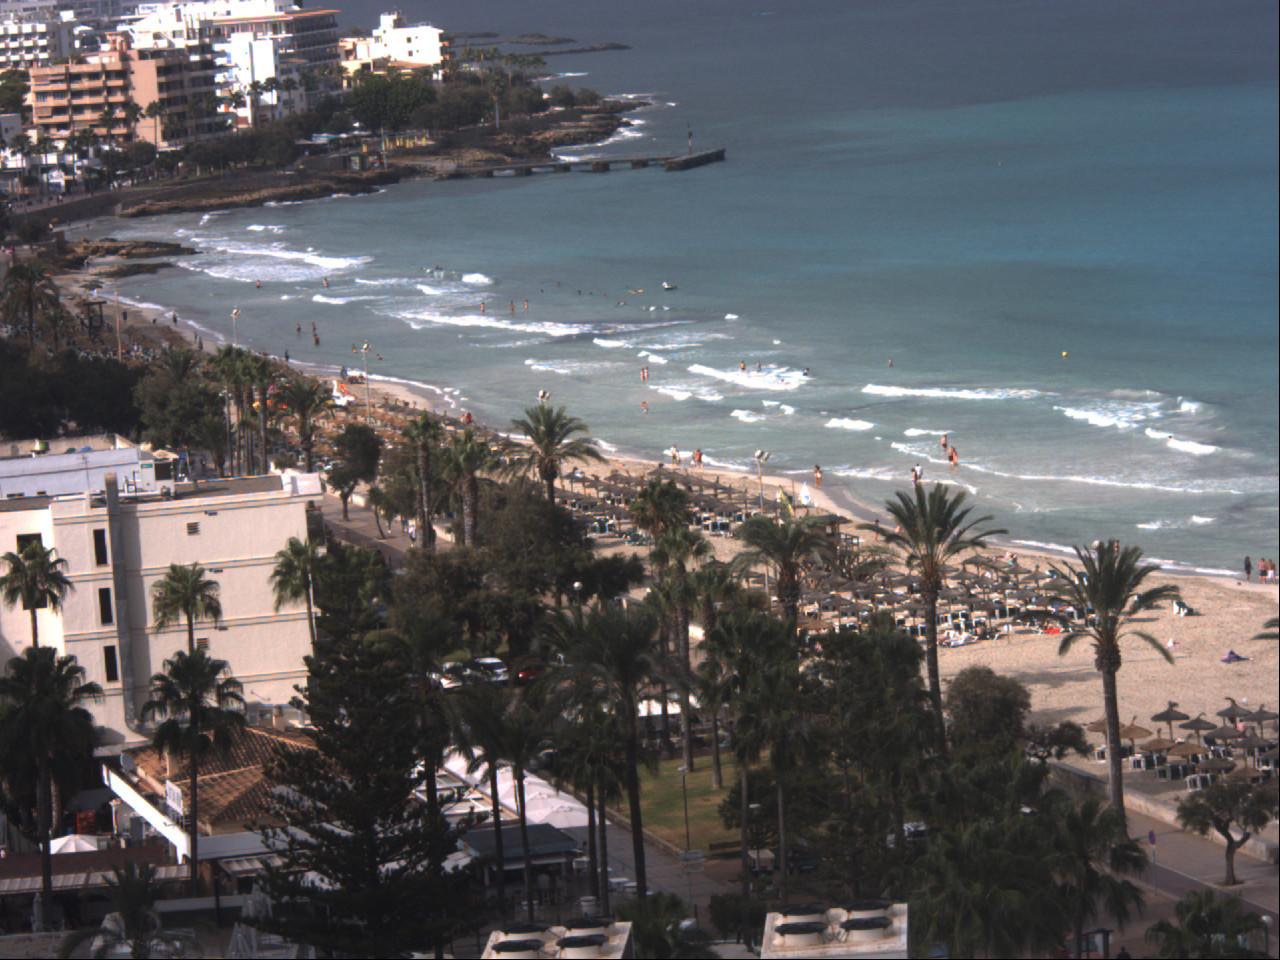 Cala Millor Spain  city images : Webcam Cala Millor Majorca Live! Webcam Cala Millor Majorca , Spain ...